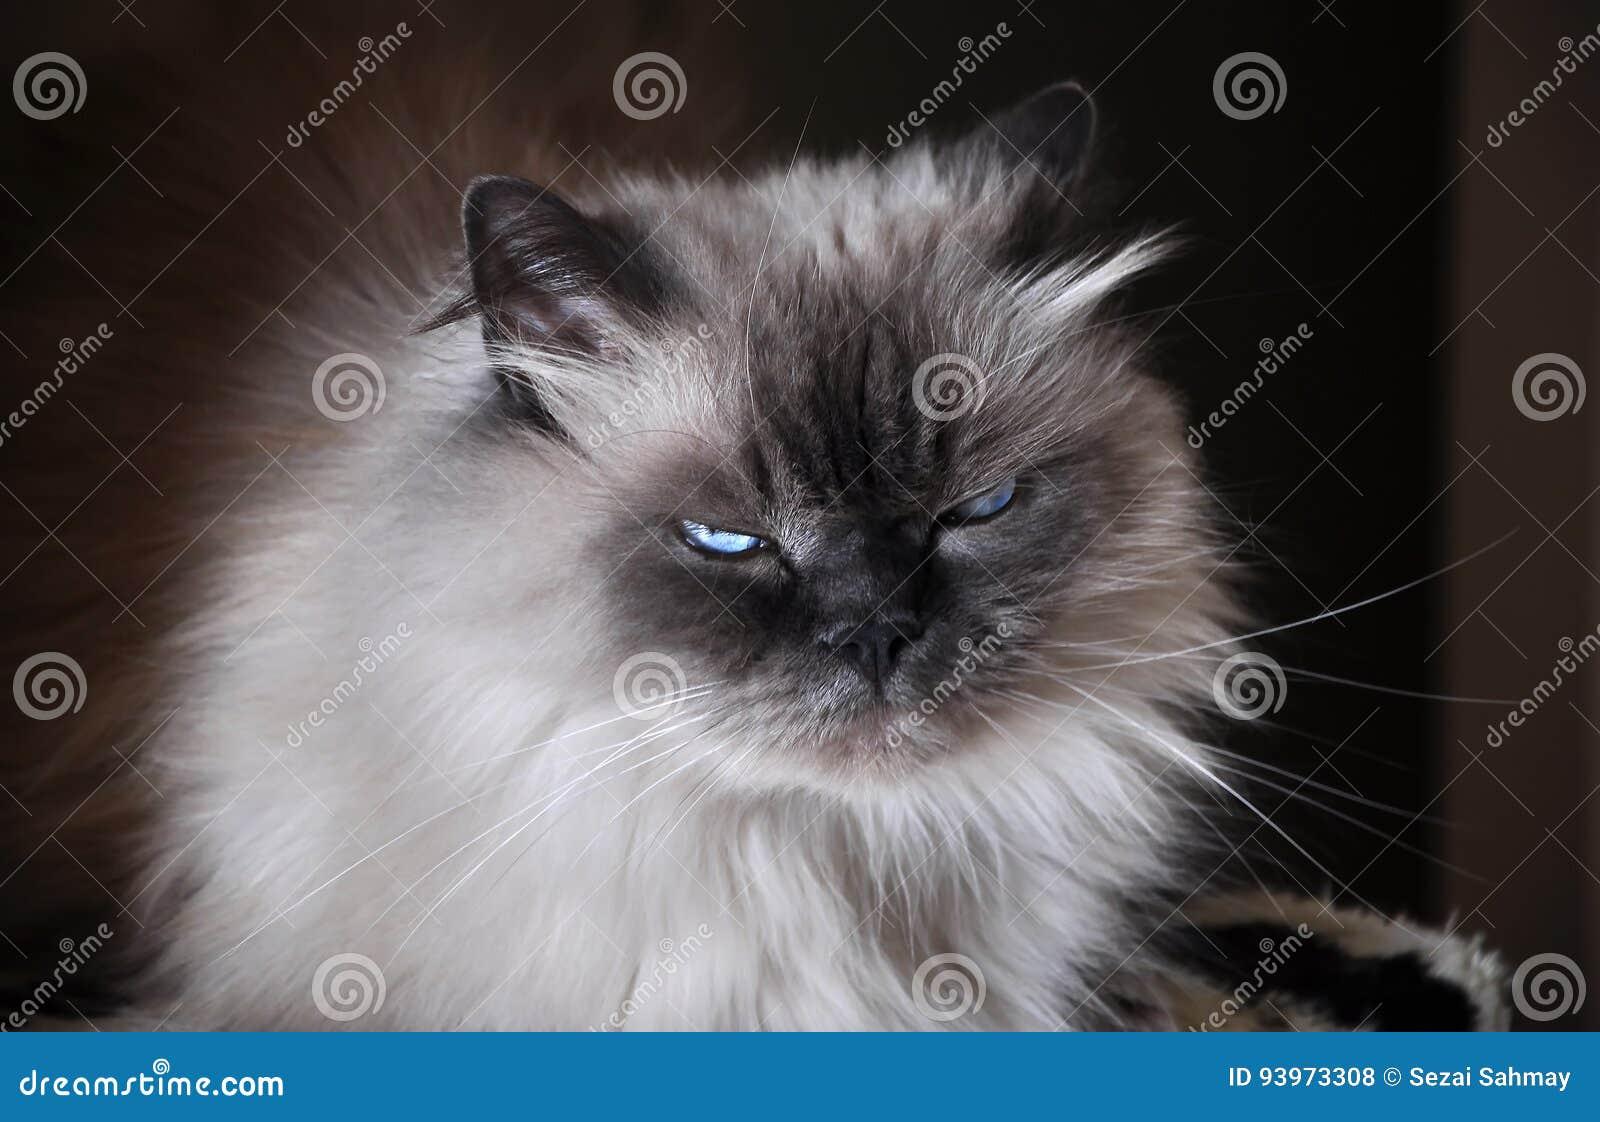 Himalayan Cat Stock Photo Image Of Mammalian Ecology